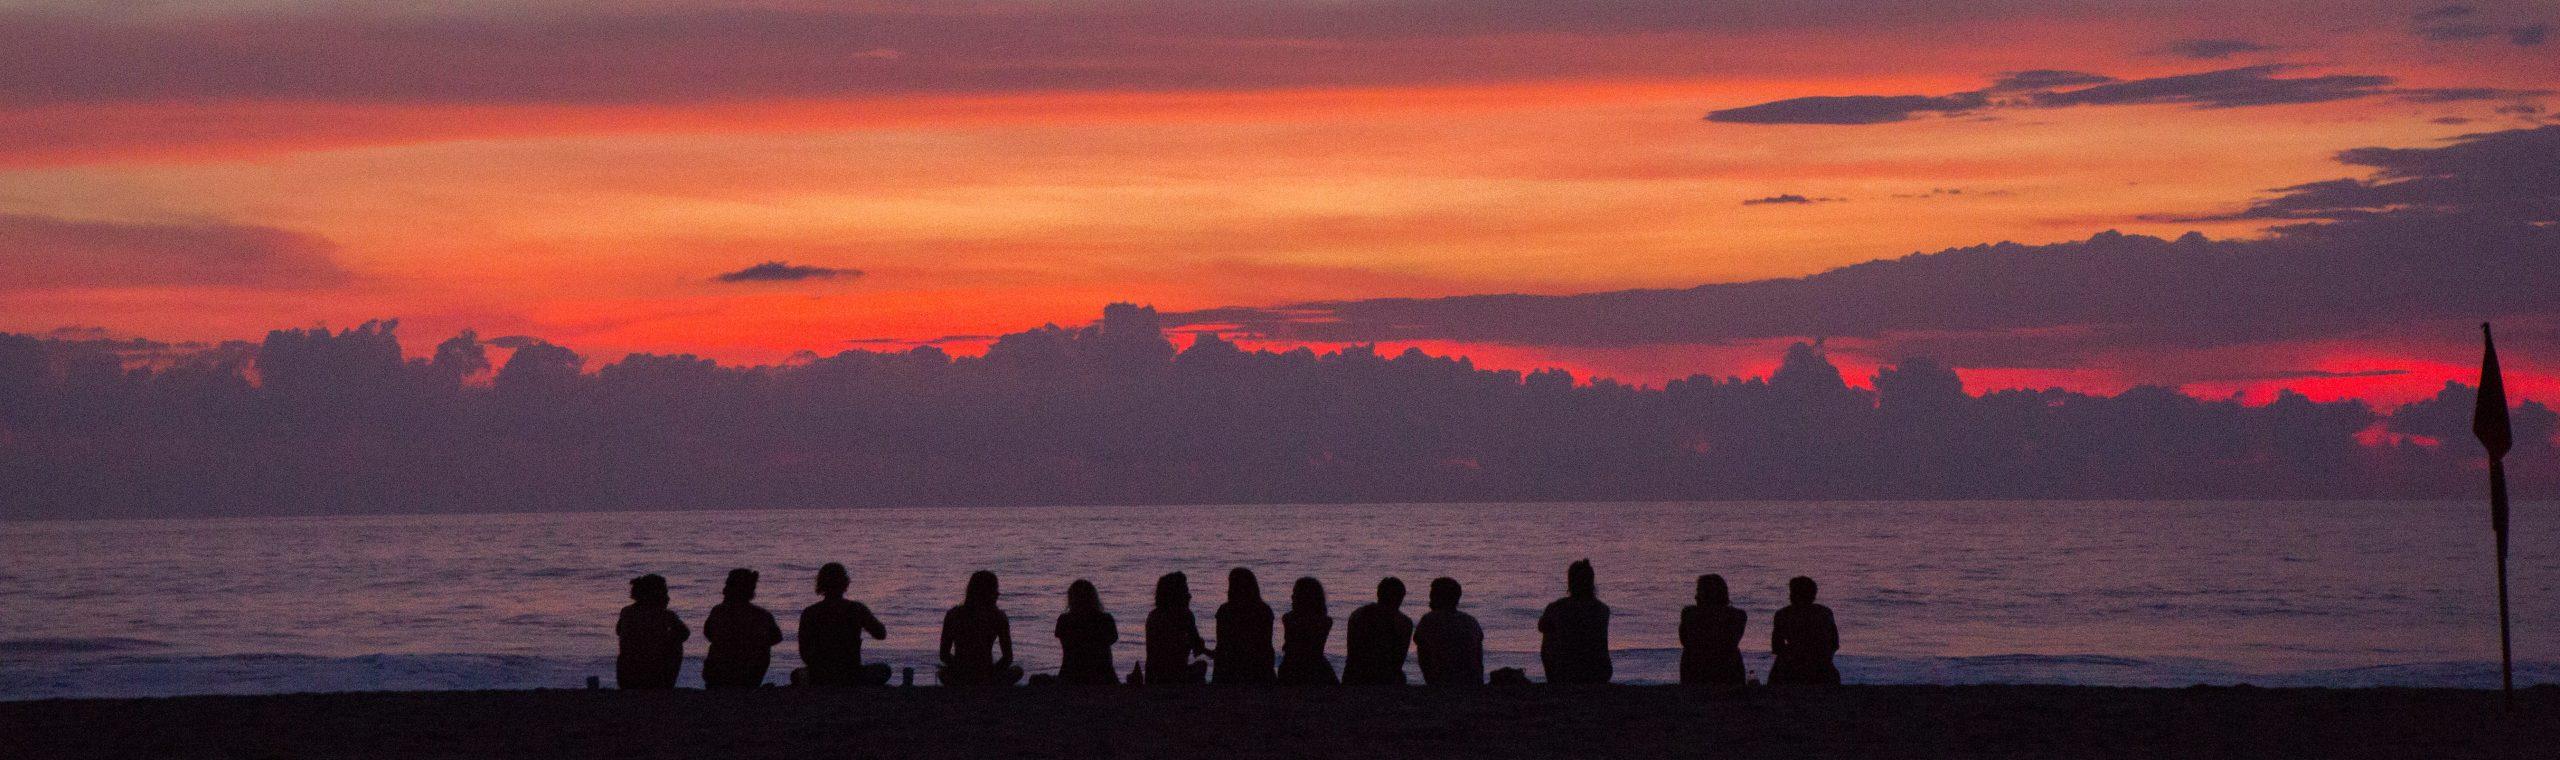 groepsreis zonsondergang - De Planeet Reizen